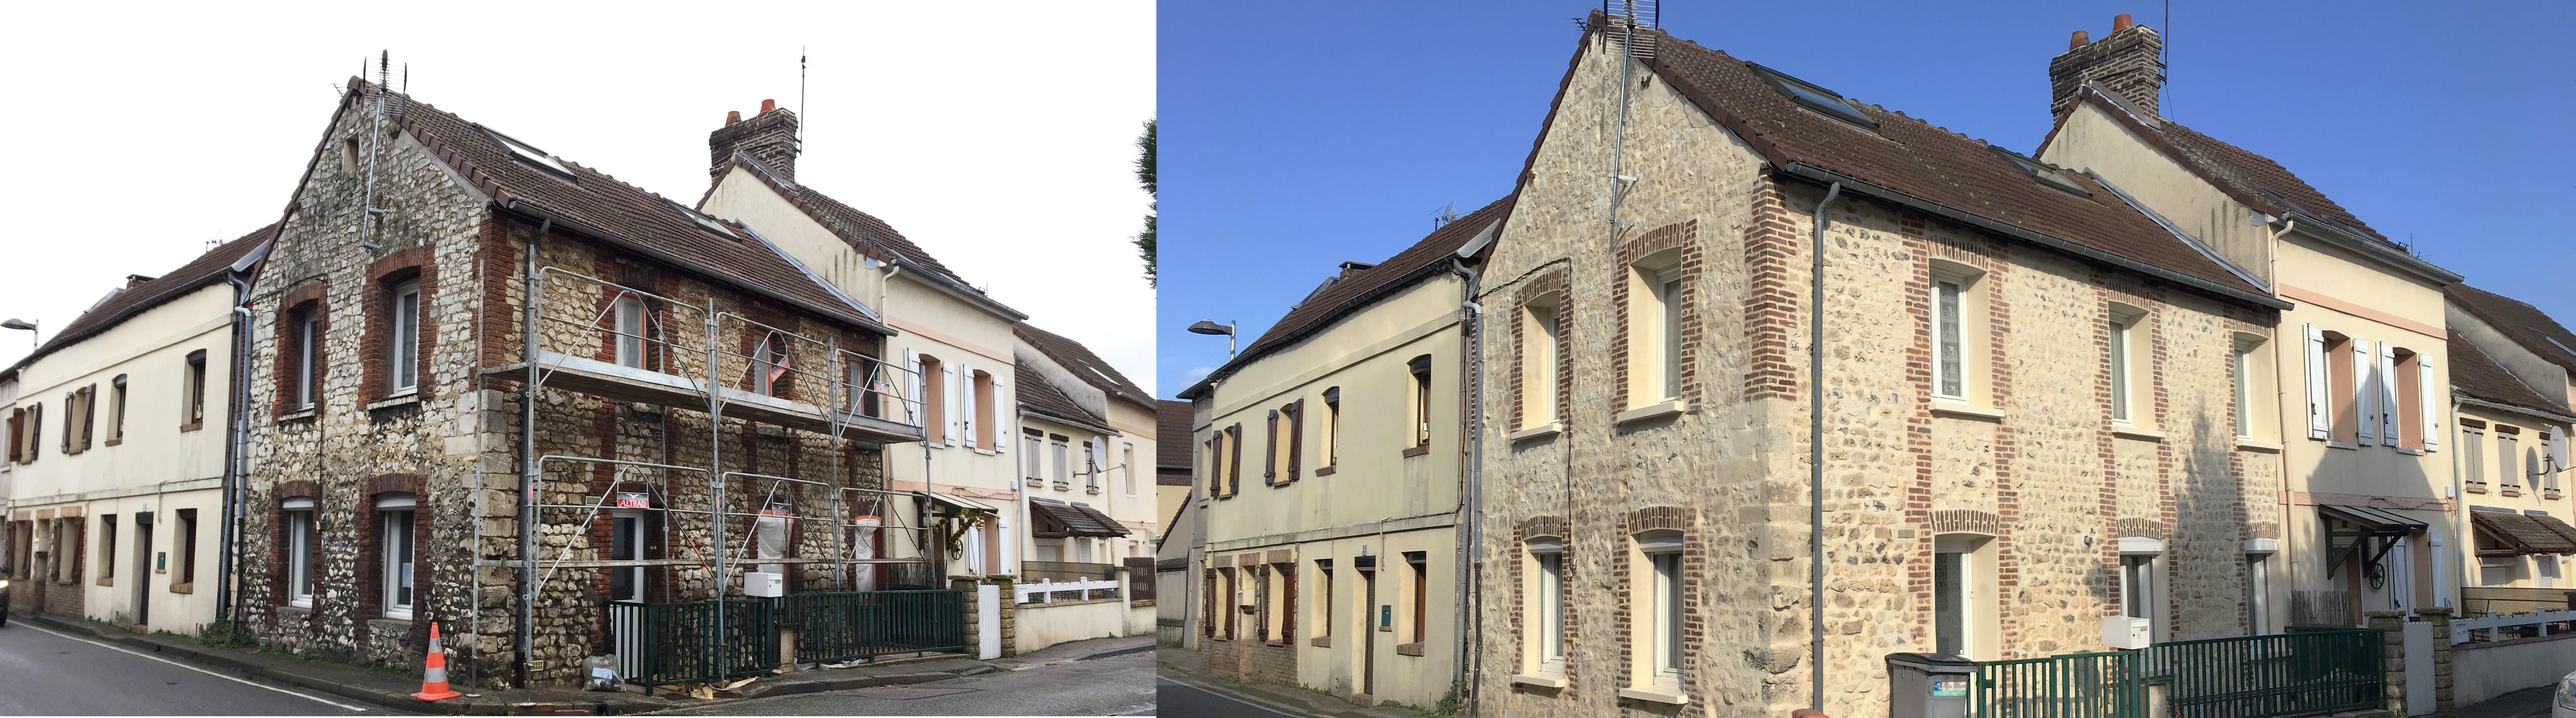 Rejointoiement-de-pierres-saint etienne du rouvray-entreprise-ravexp-travaux-façade-parement-pierre-rouen-normandie-nos services